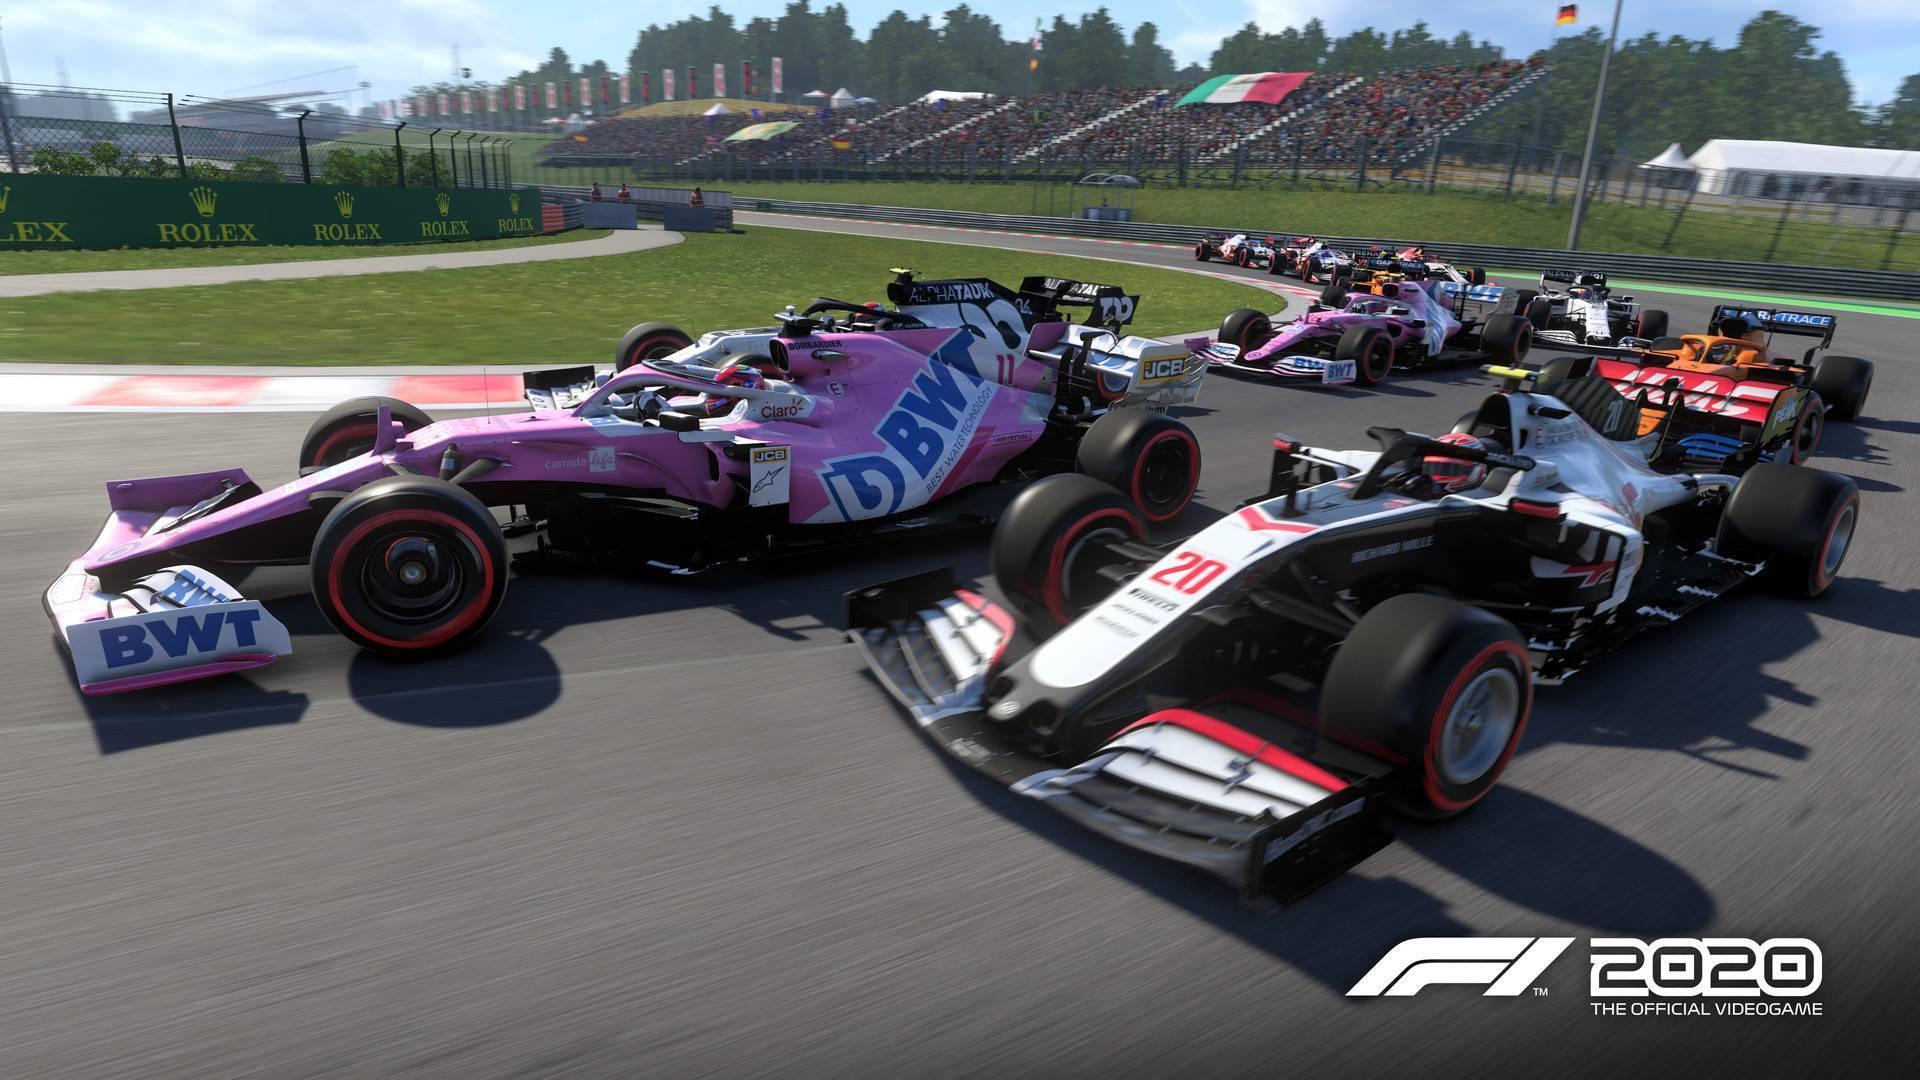 Comprar F1 2020 PS4 - Precio desde 9,99€